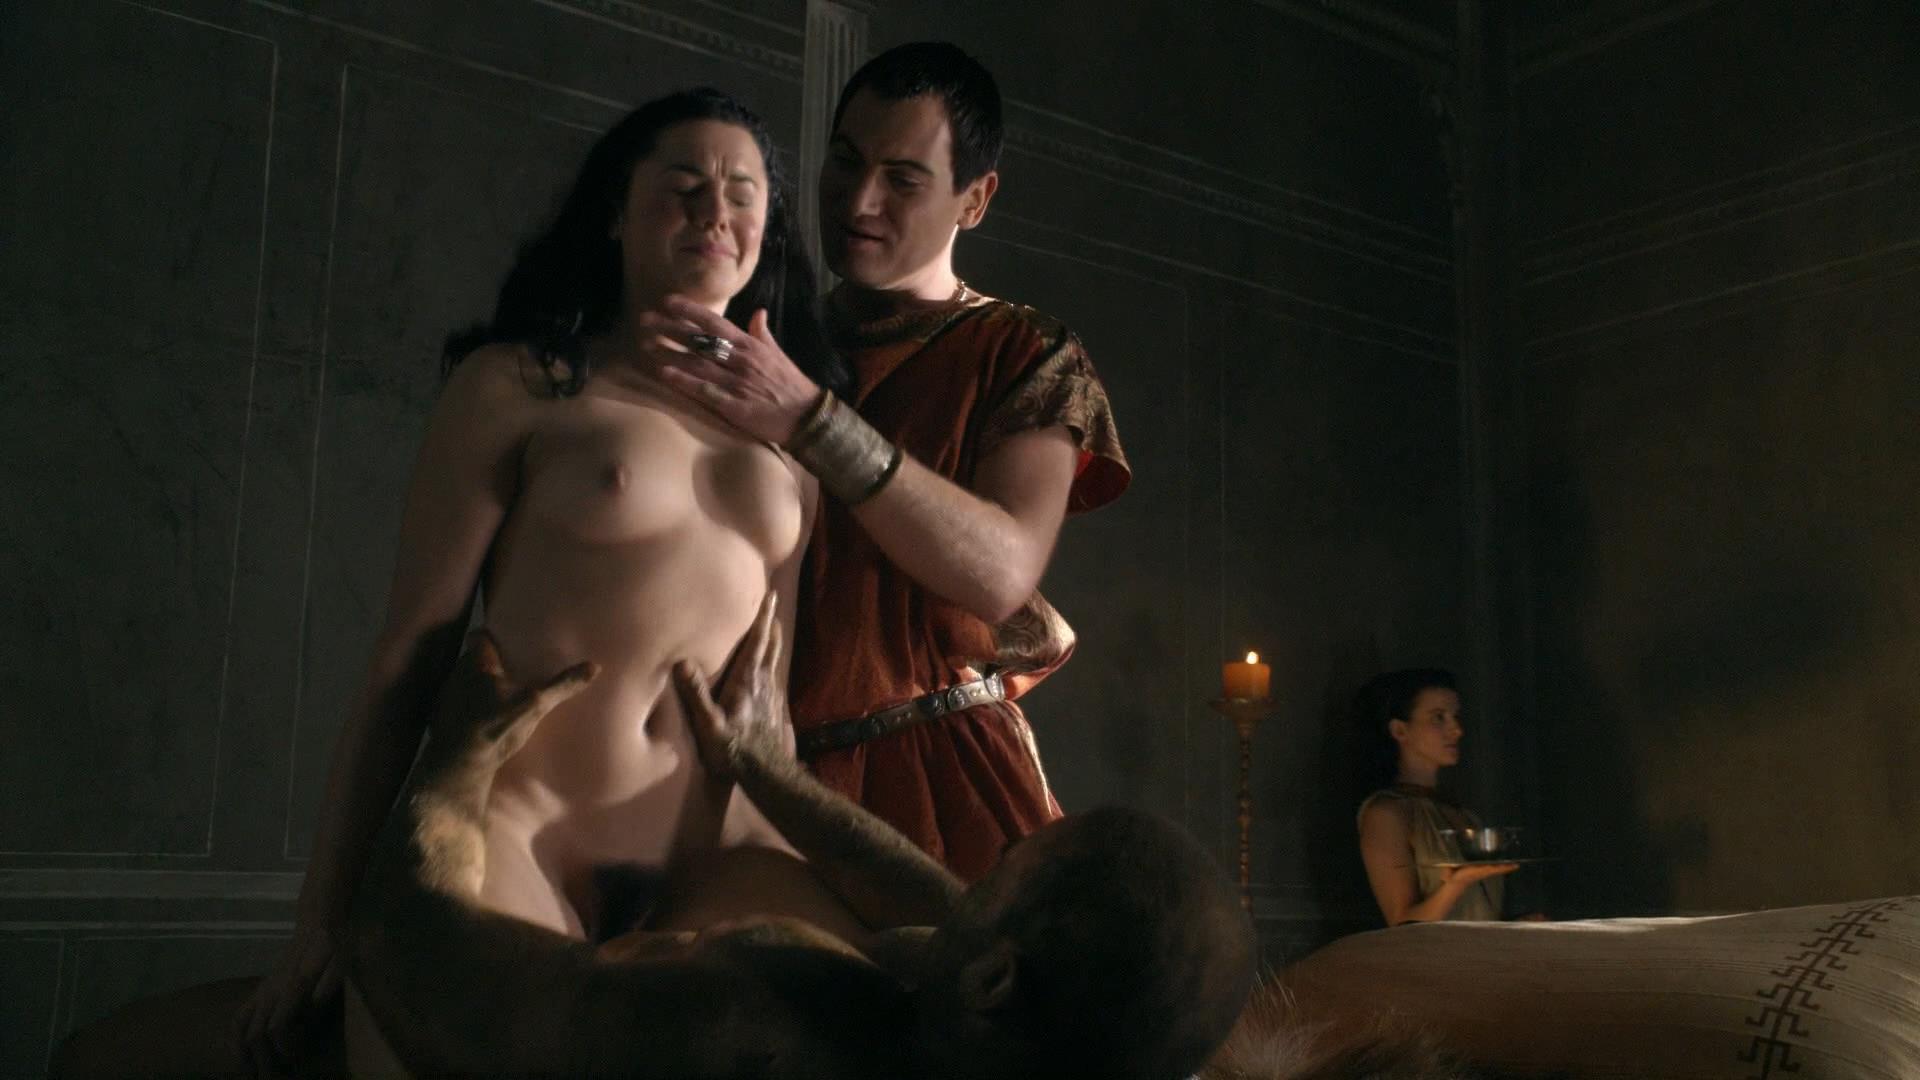 Подборка эротических сцен в фильмах смотреть онлайн — img 3